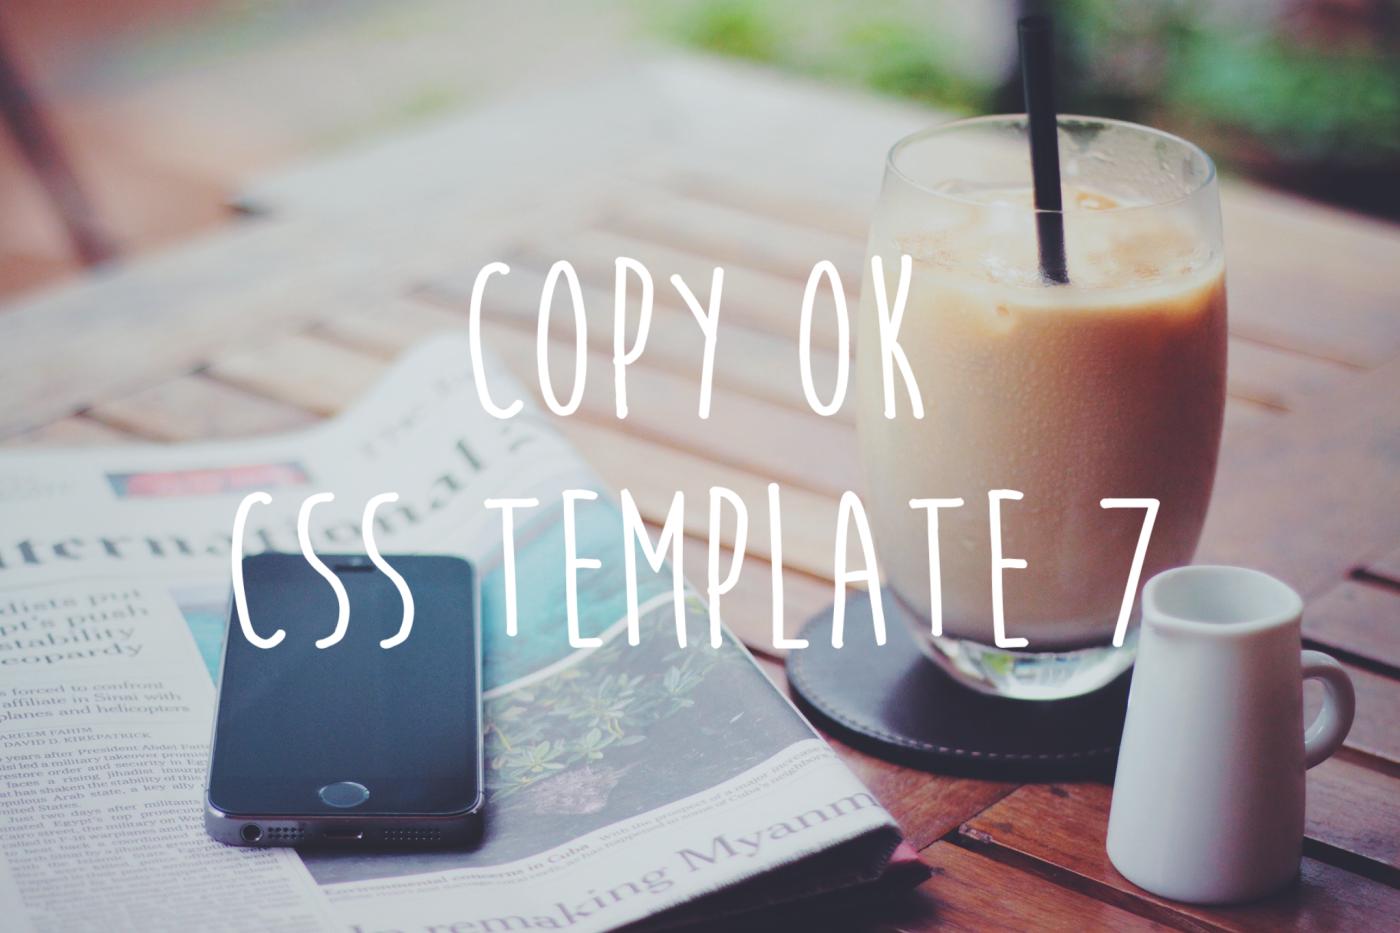 【コピペで簡単】吹き出し CSSテンプレート 基本4つと応用3つ